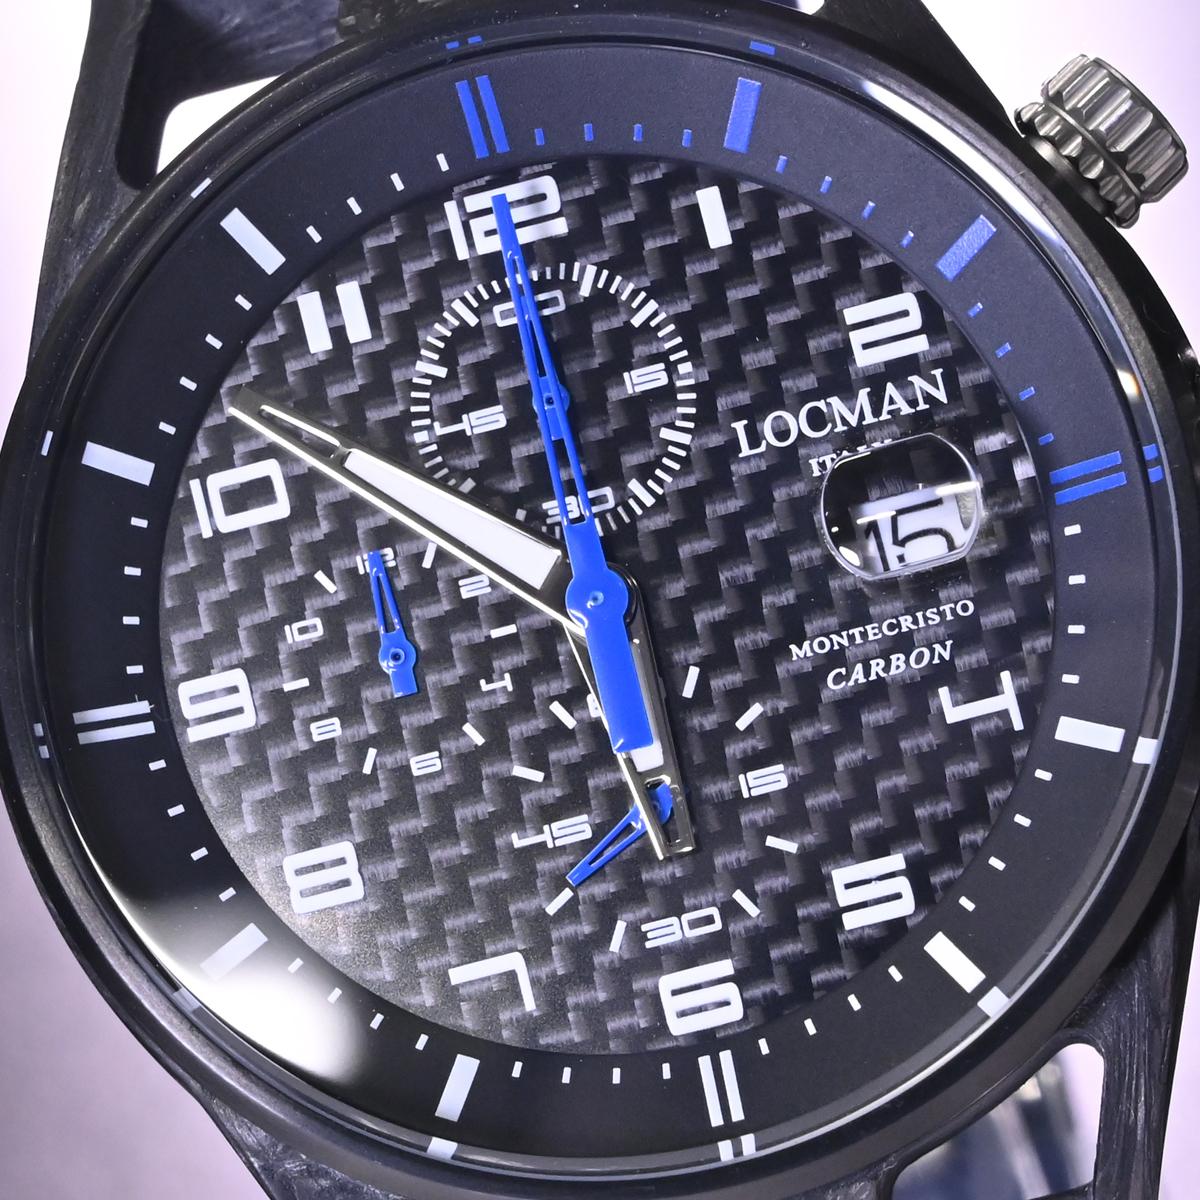 本物 新品 ロックマン 極希少 フォージドカーボン MONTECRISTO CARBON クロノグラフ メンズウォッチ 男性用腕時計 元箱 冊子付 LOCMAN_画像3